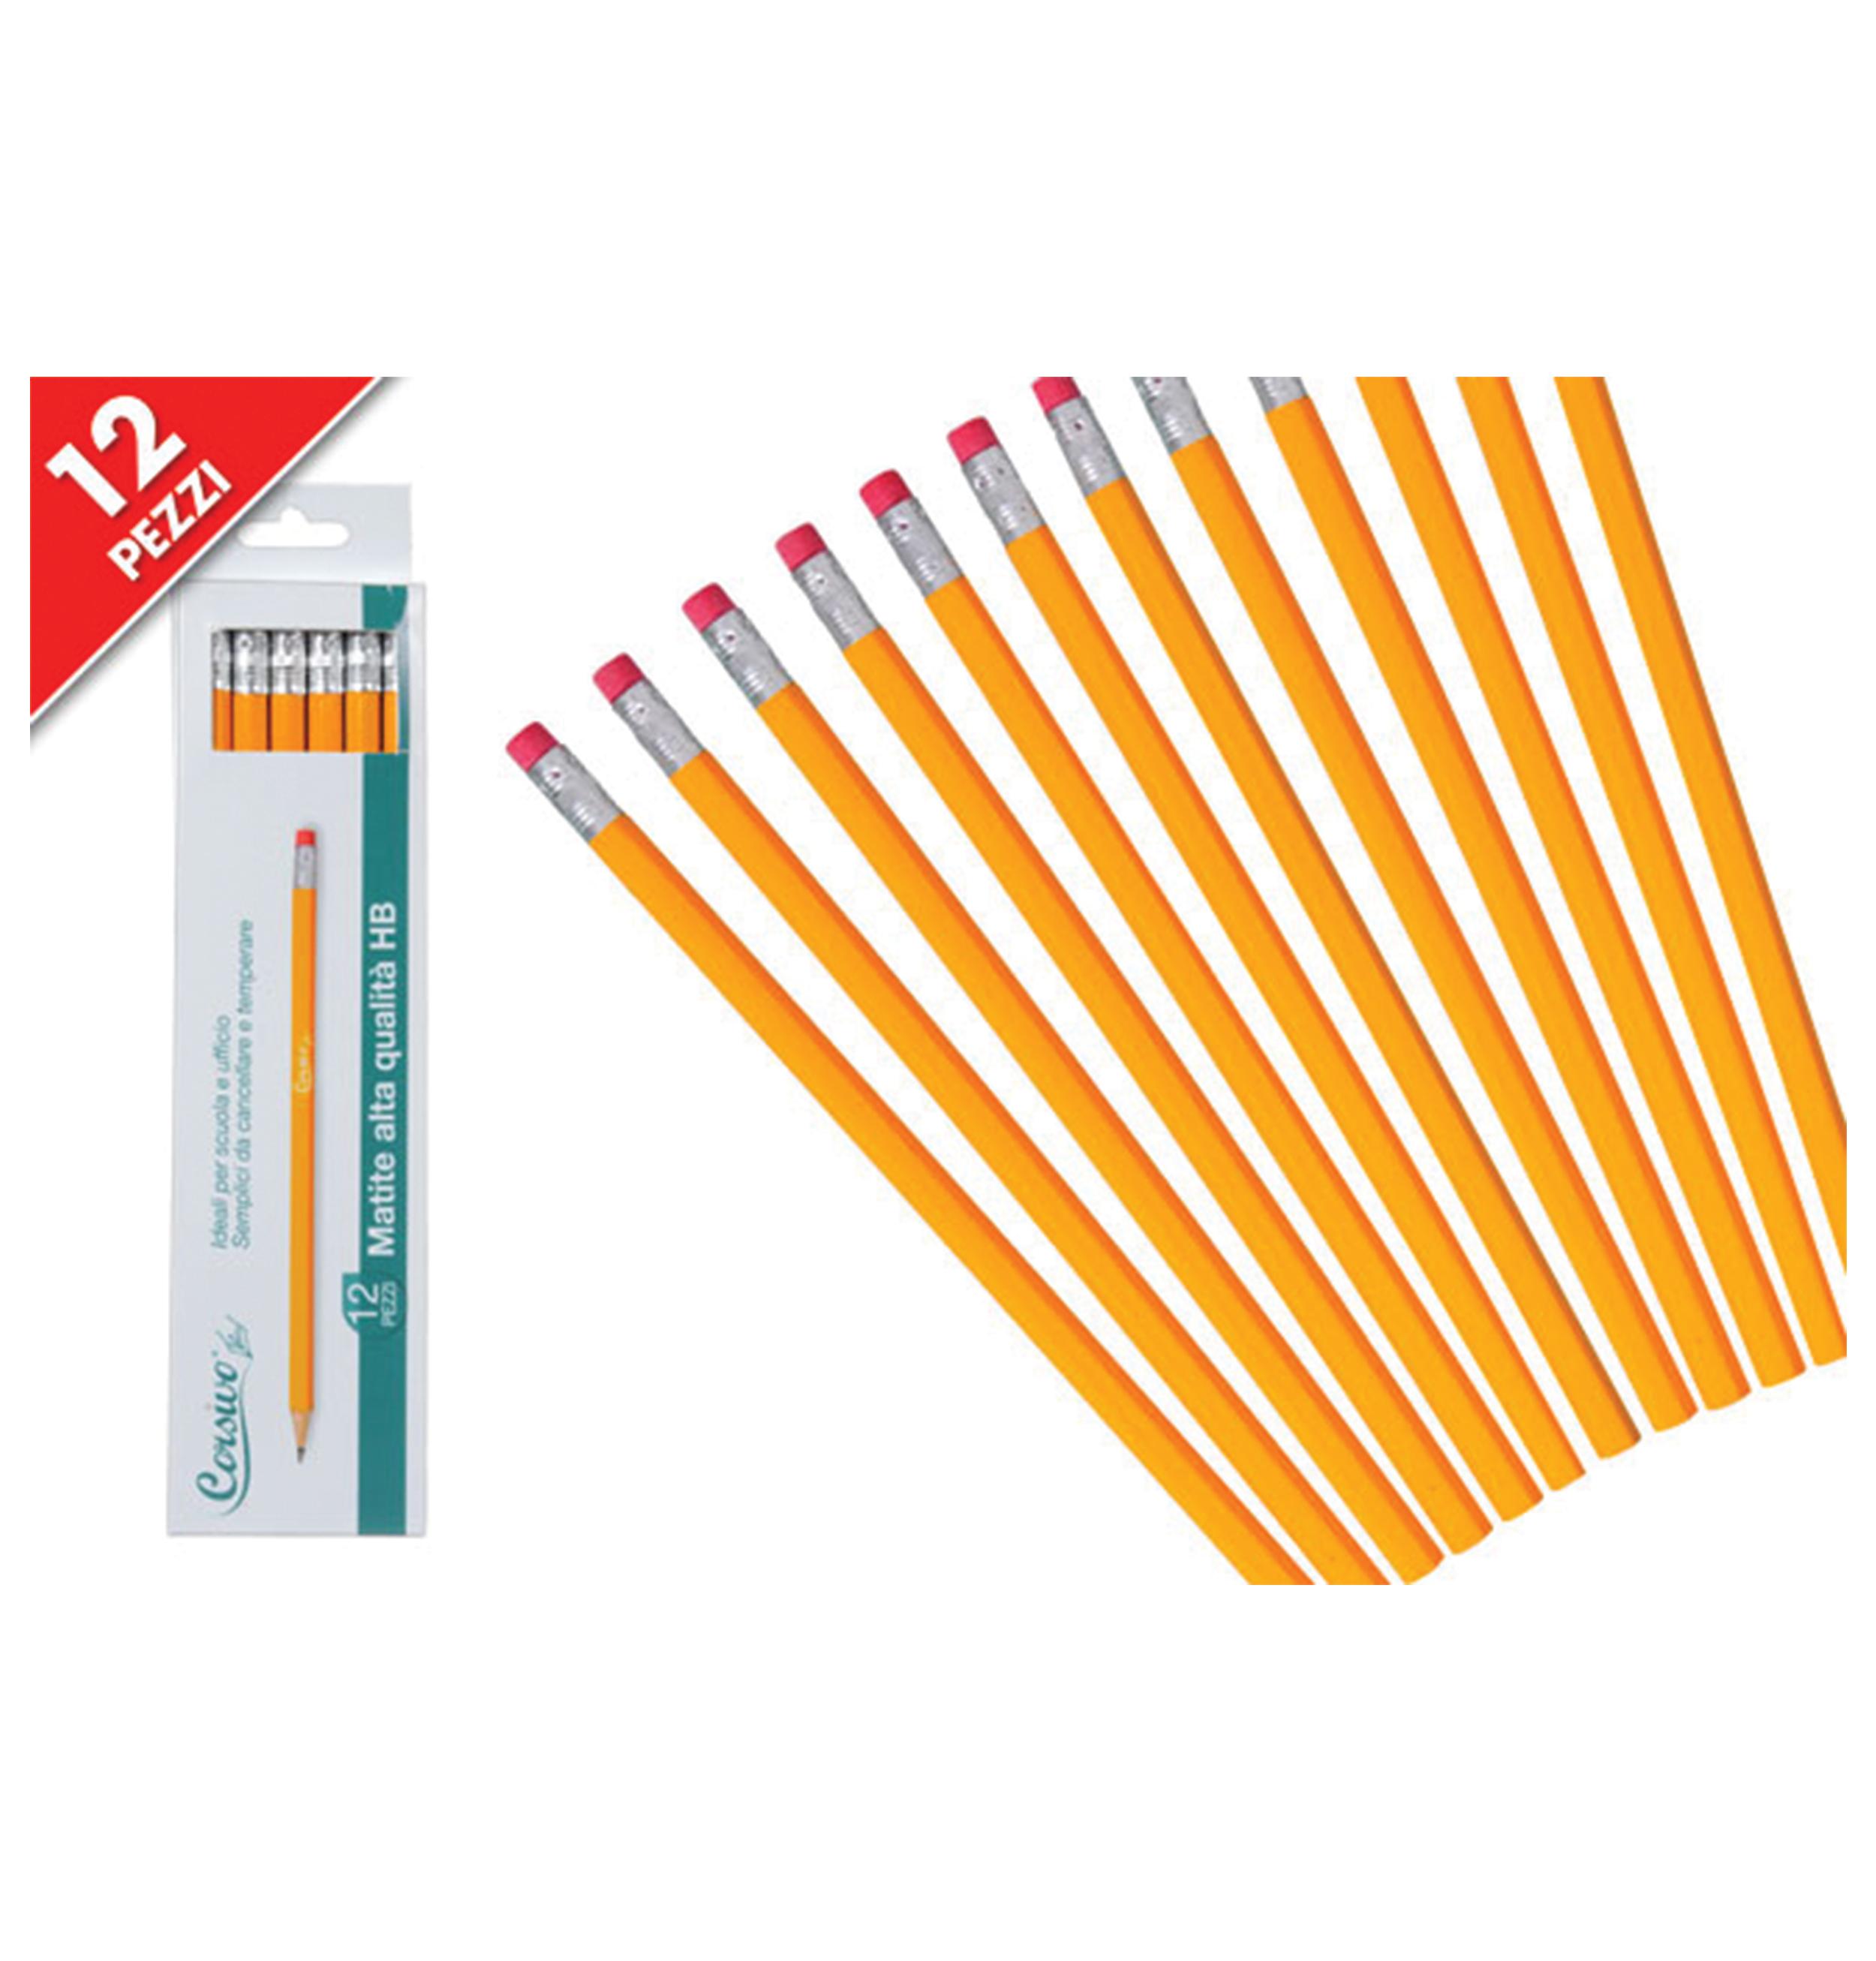 Σετ 12 μολύβια HB